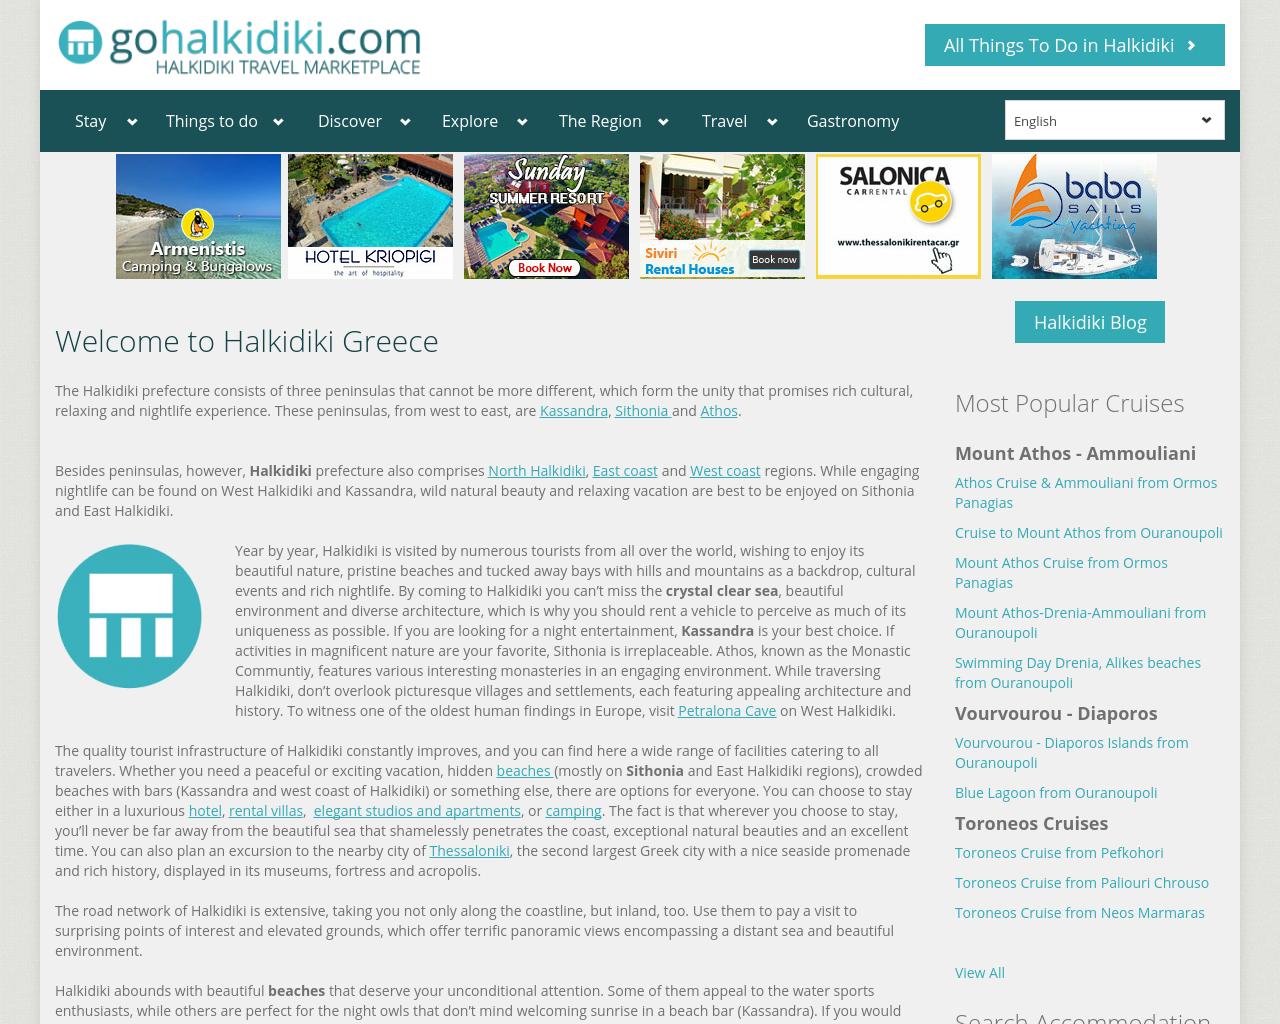 gohalkidiki.com-Advertising-Reviews-Pricing